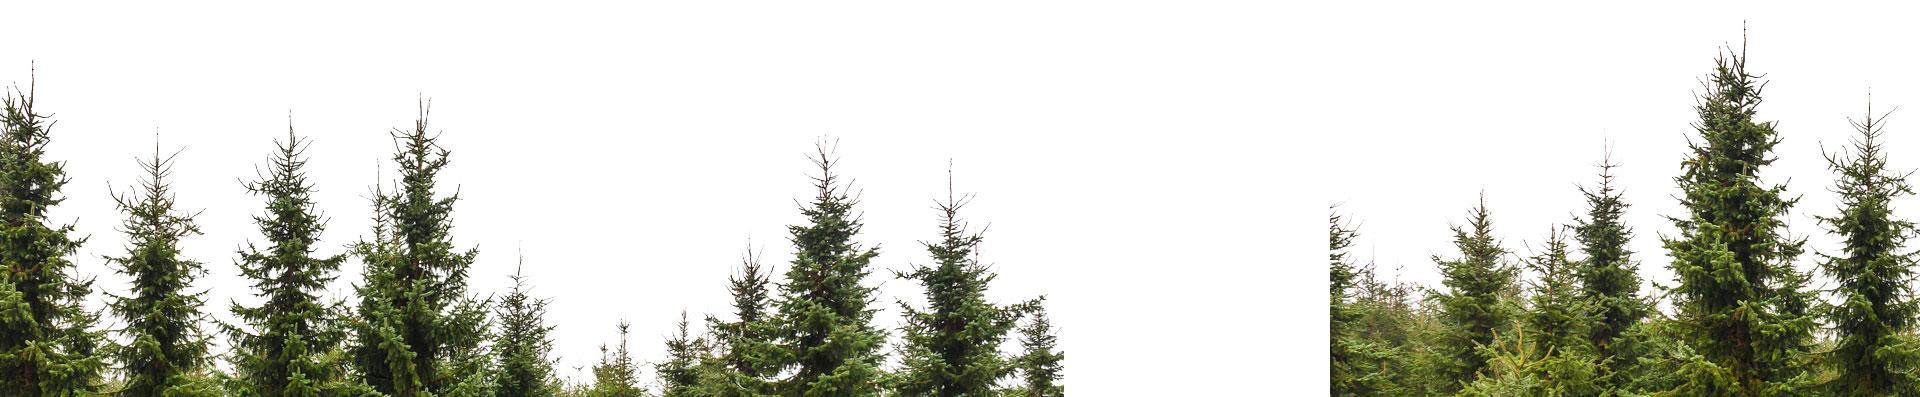 Backrop of trees